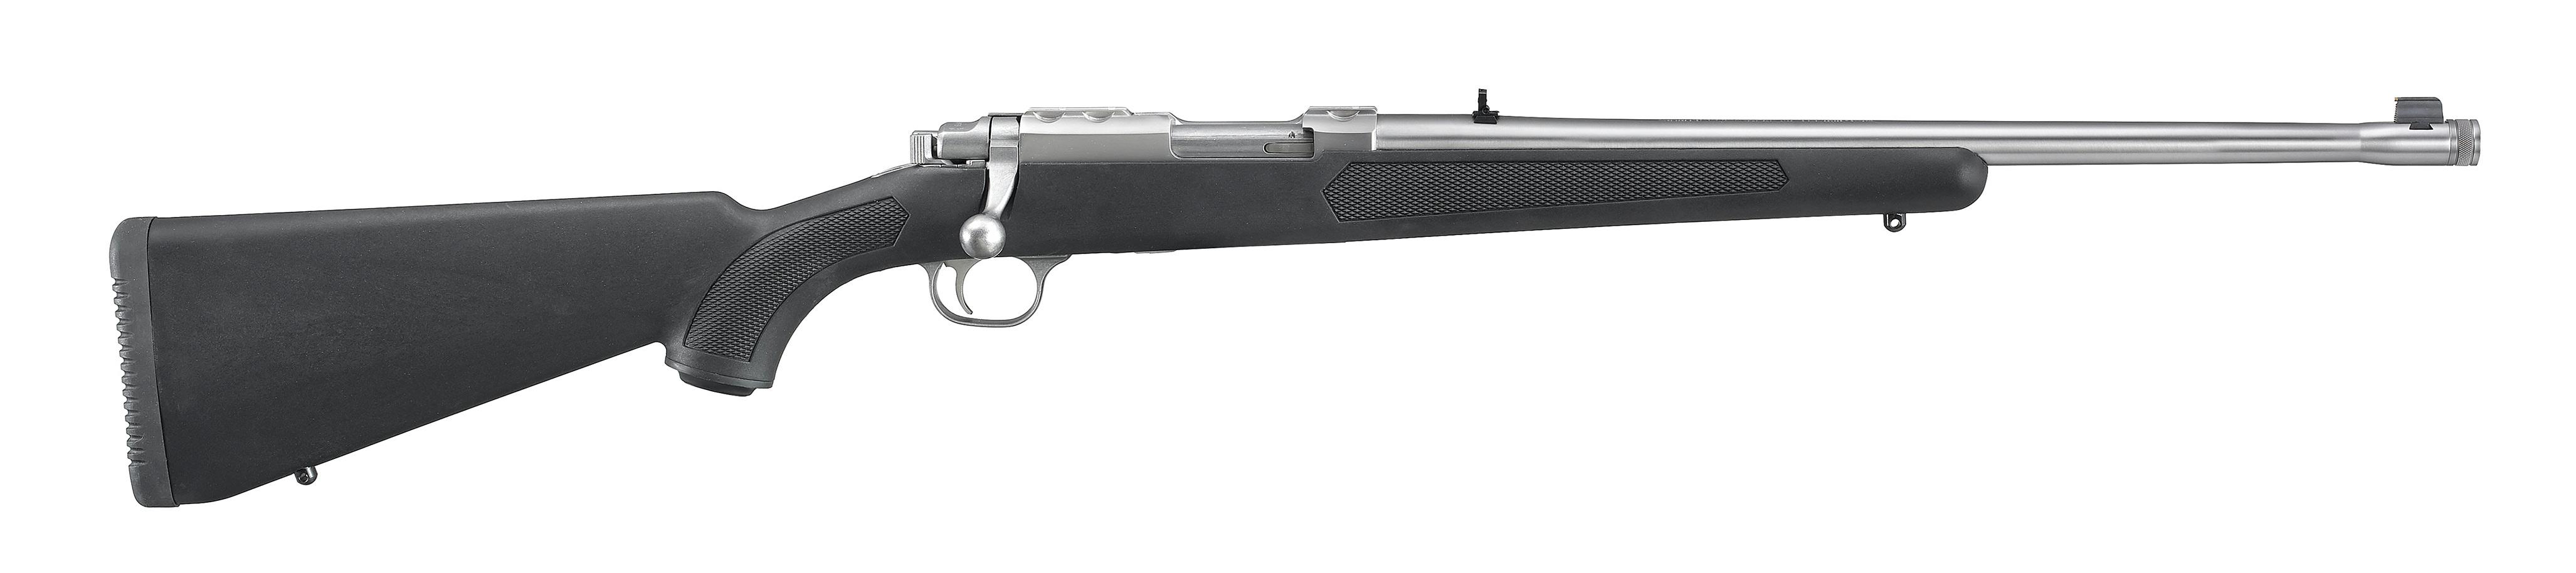 Ruger 77/357 357 Magnum   38 Special